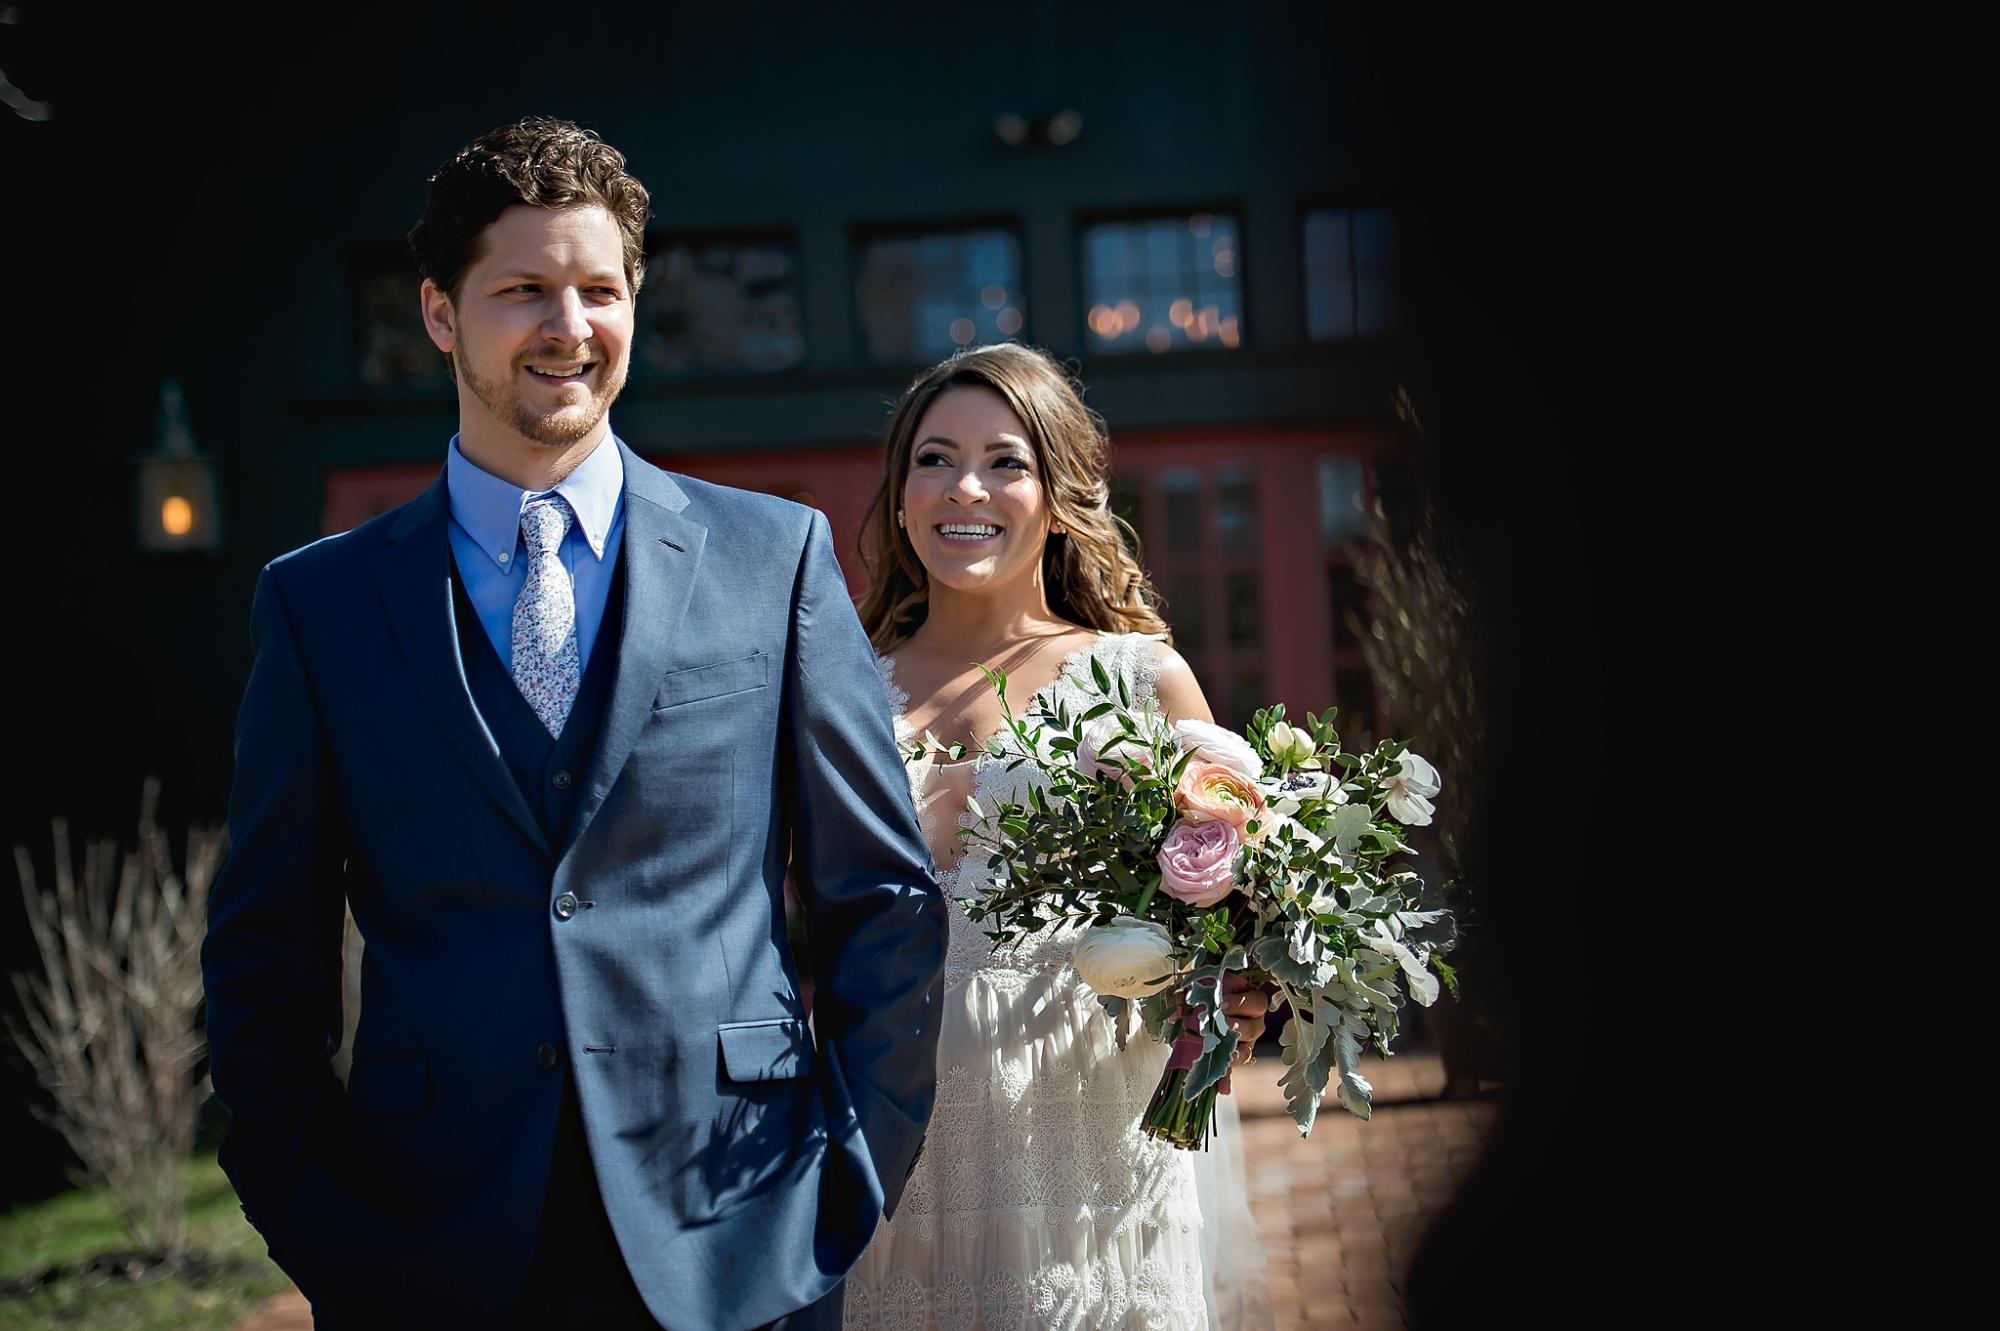 Jacks-Barn-Wedding-Photography13